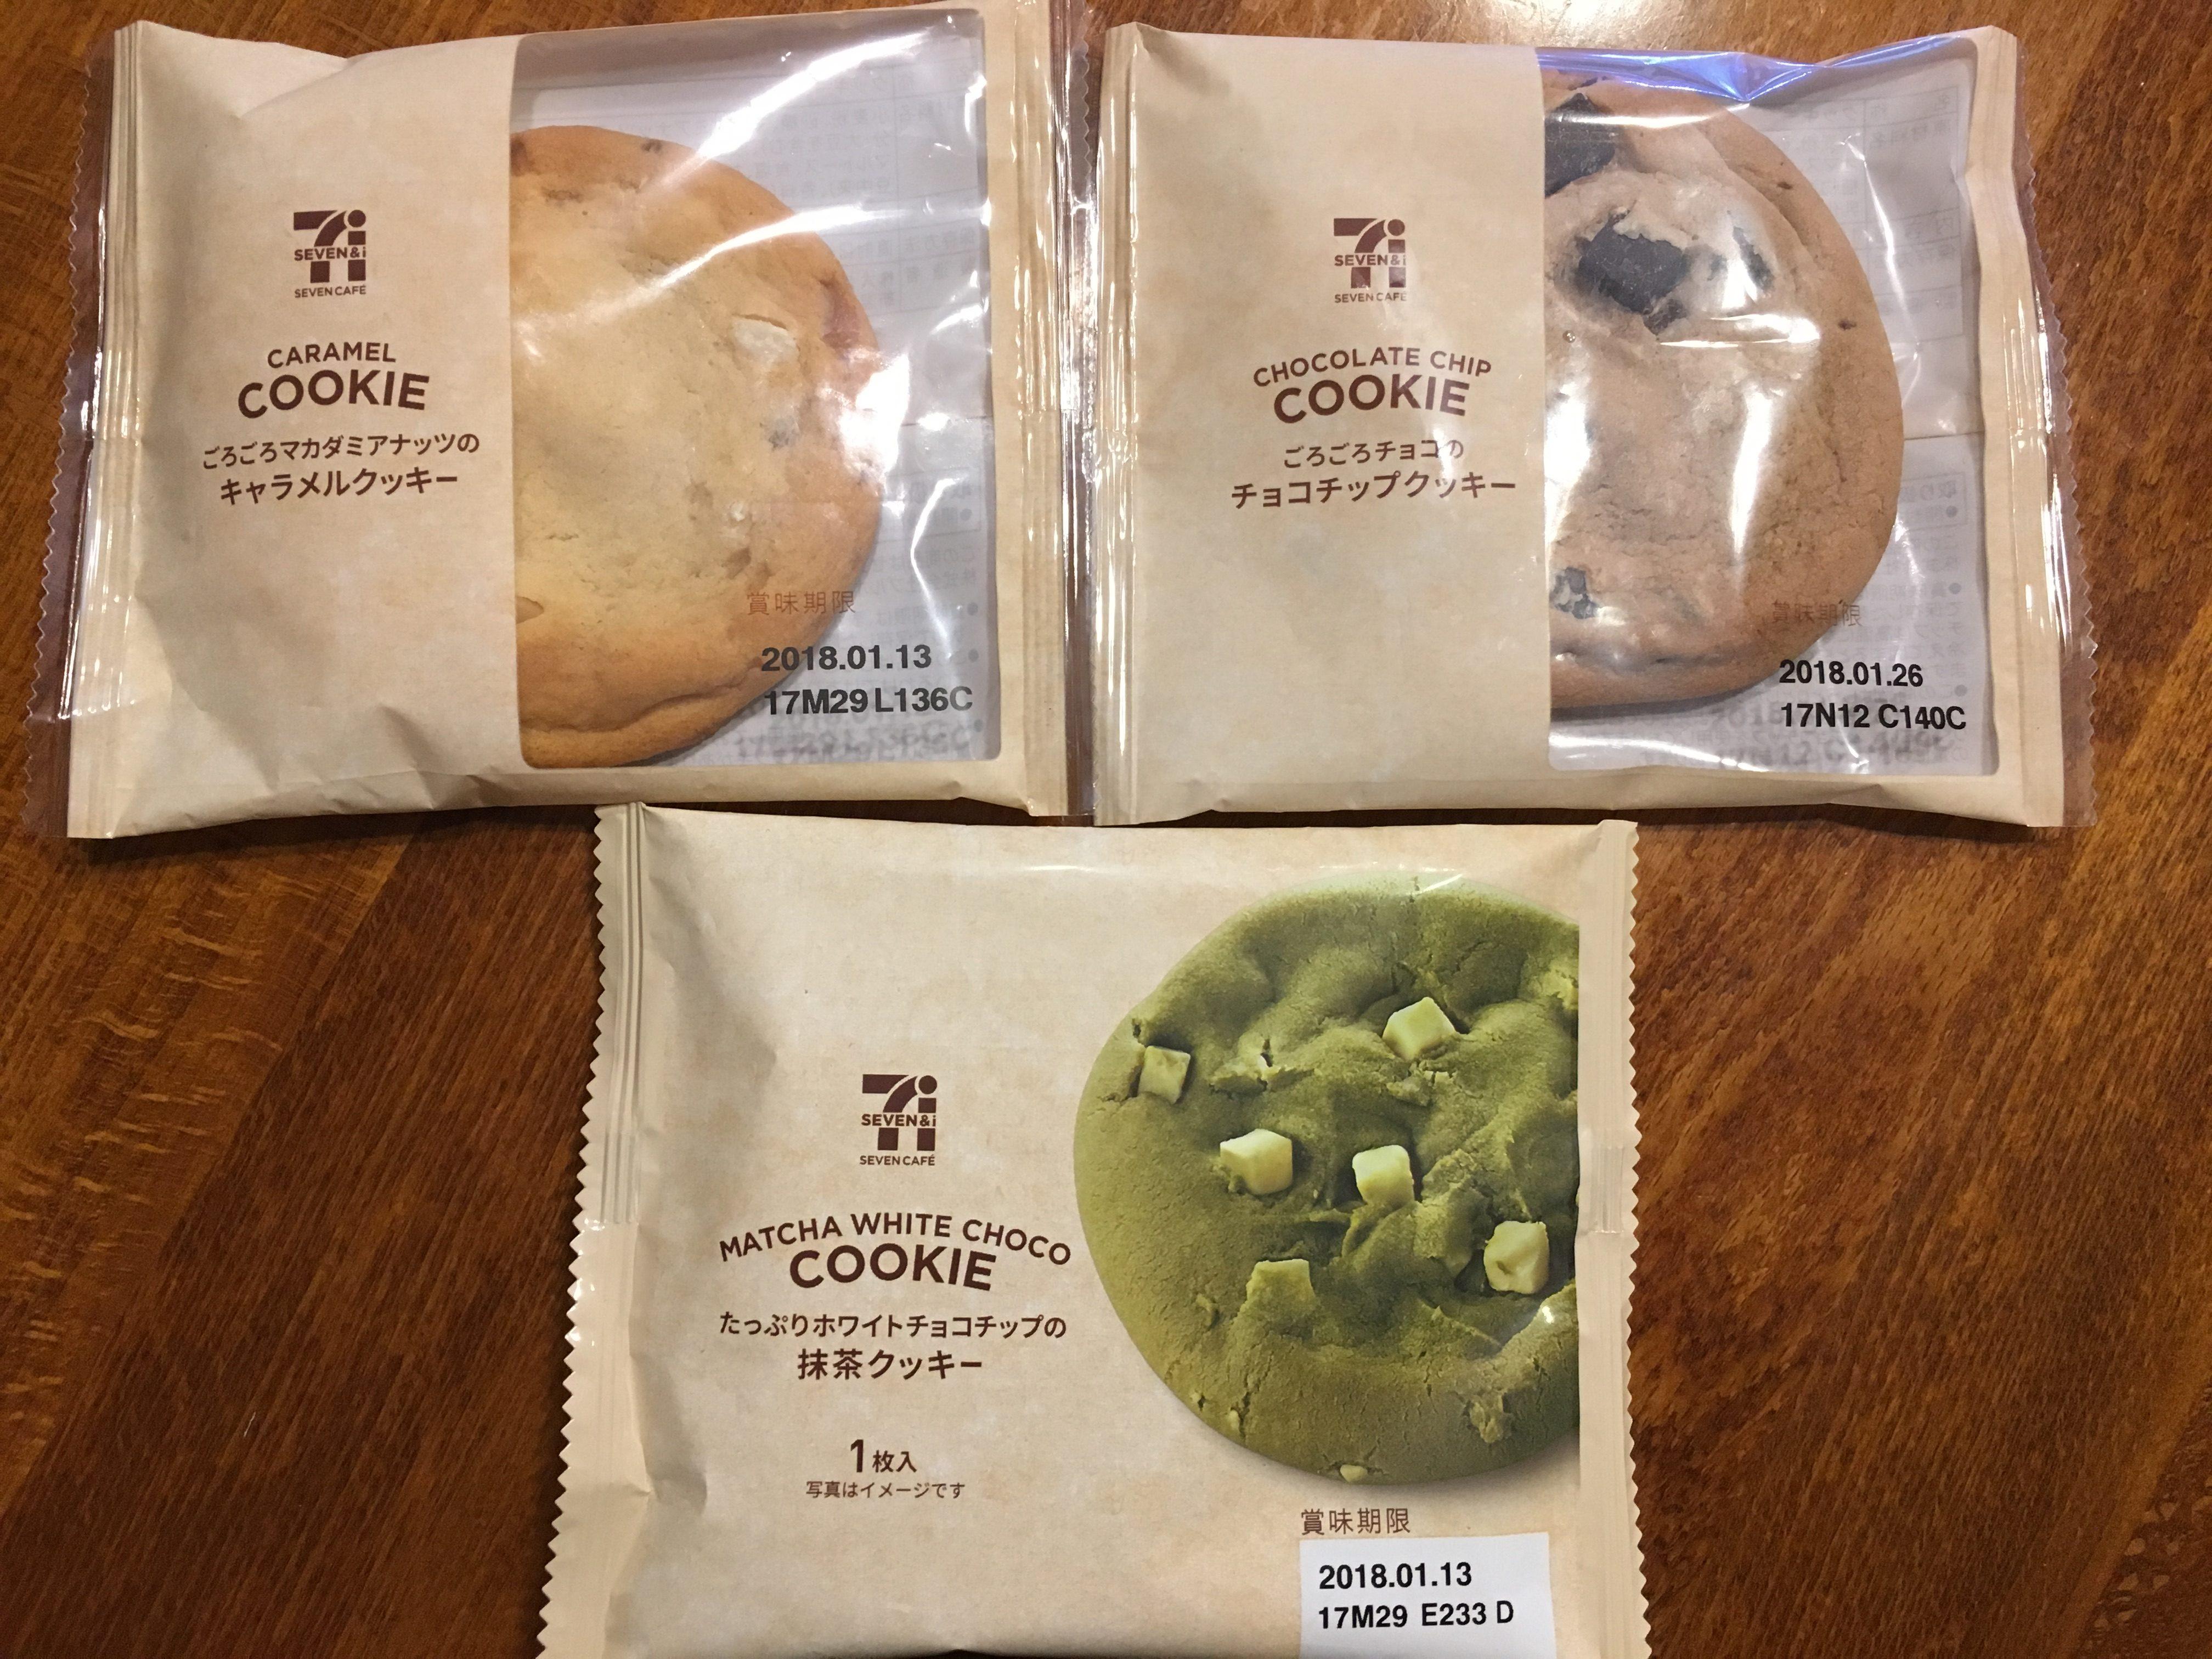 【セブンカフェ】ソフトクッキー3種類を食べ比べ!気になる味や料金は?